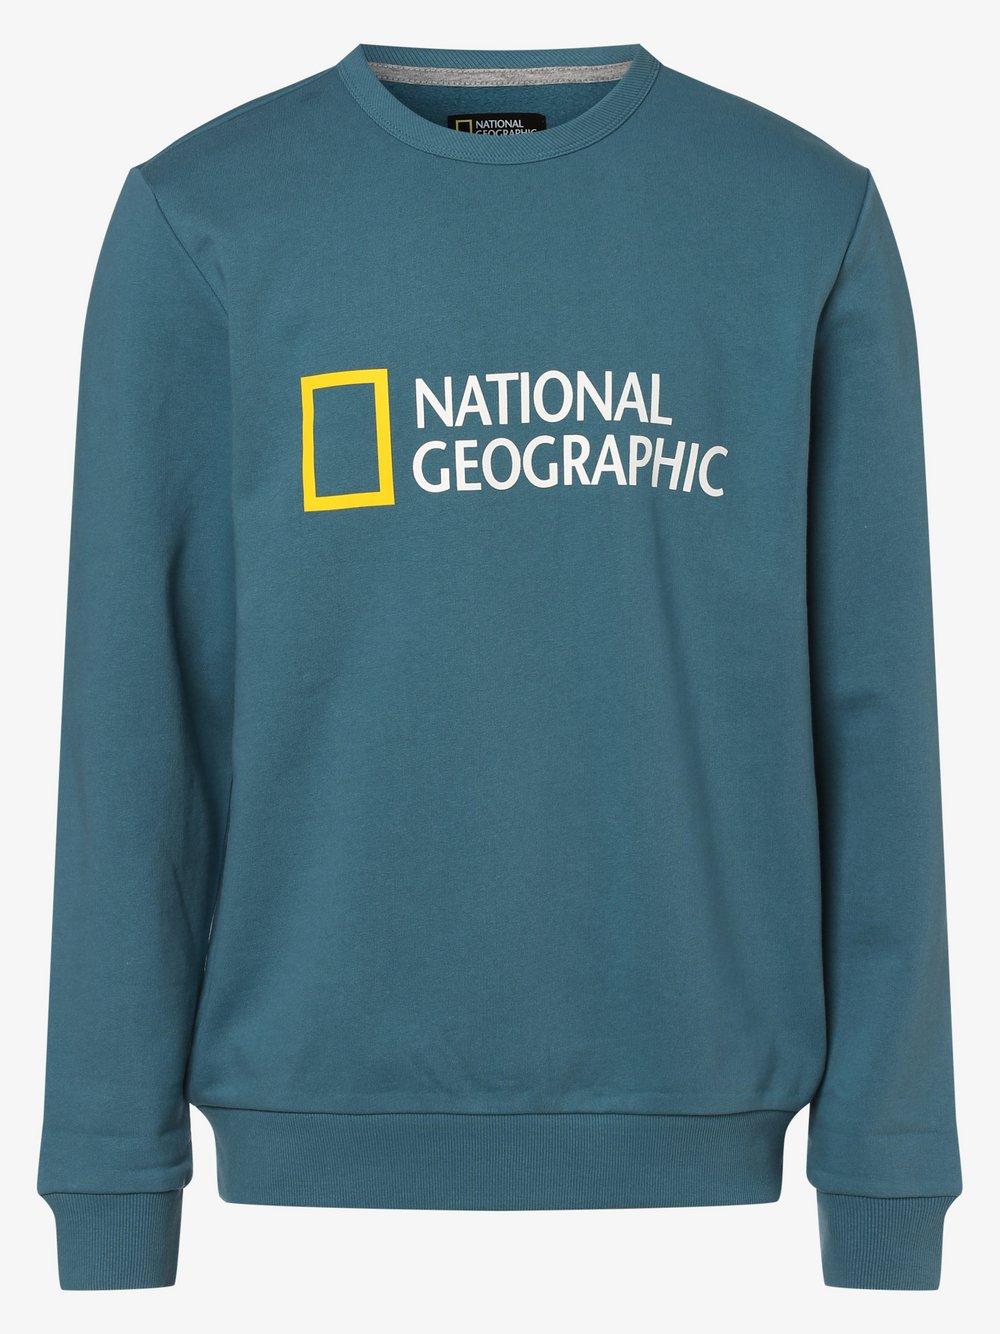 National Geographic - Męska bluza nierozpinana, niebieski